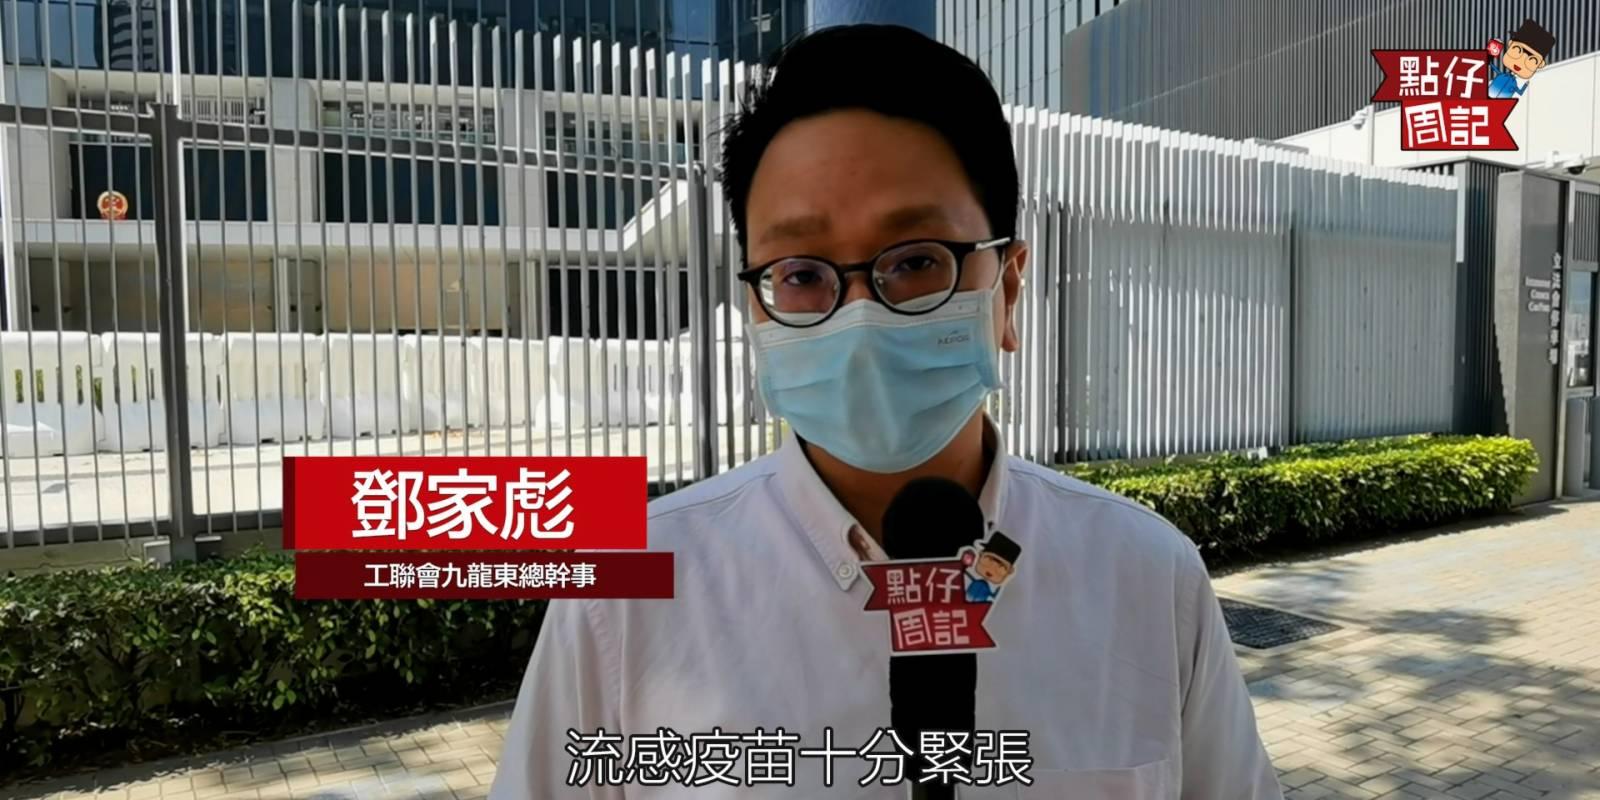 【#點仔周記】流感針供應緊張 工聯會呼籲增加疫苗供應量